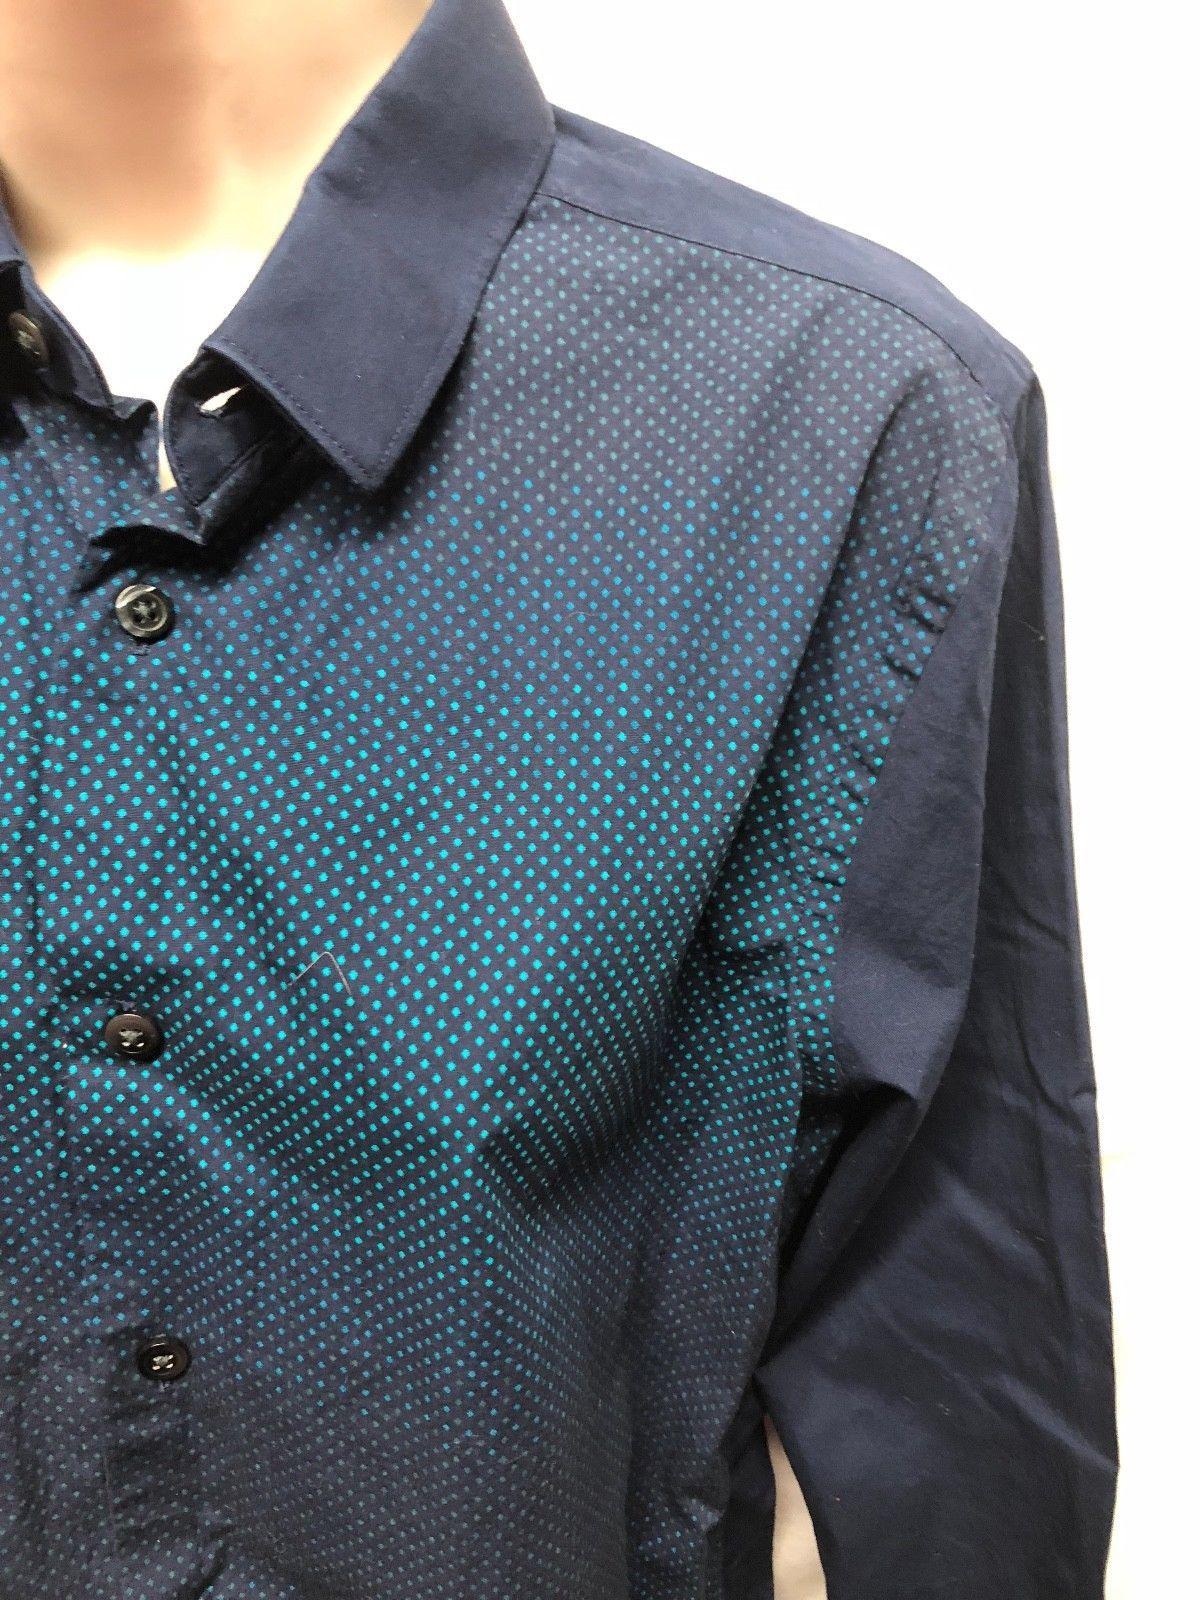 Express Womens Fitted Sz S Button Up Shirt Blue Print Shirt 100% Cotton